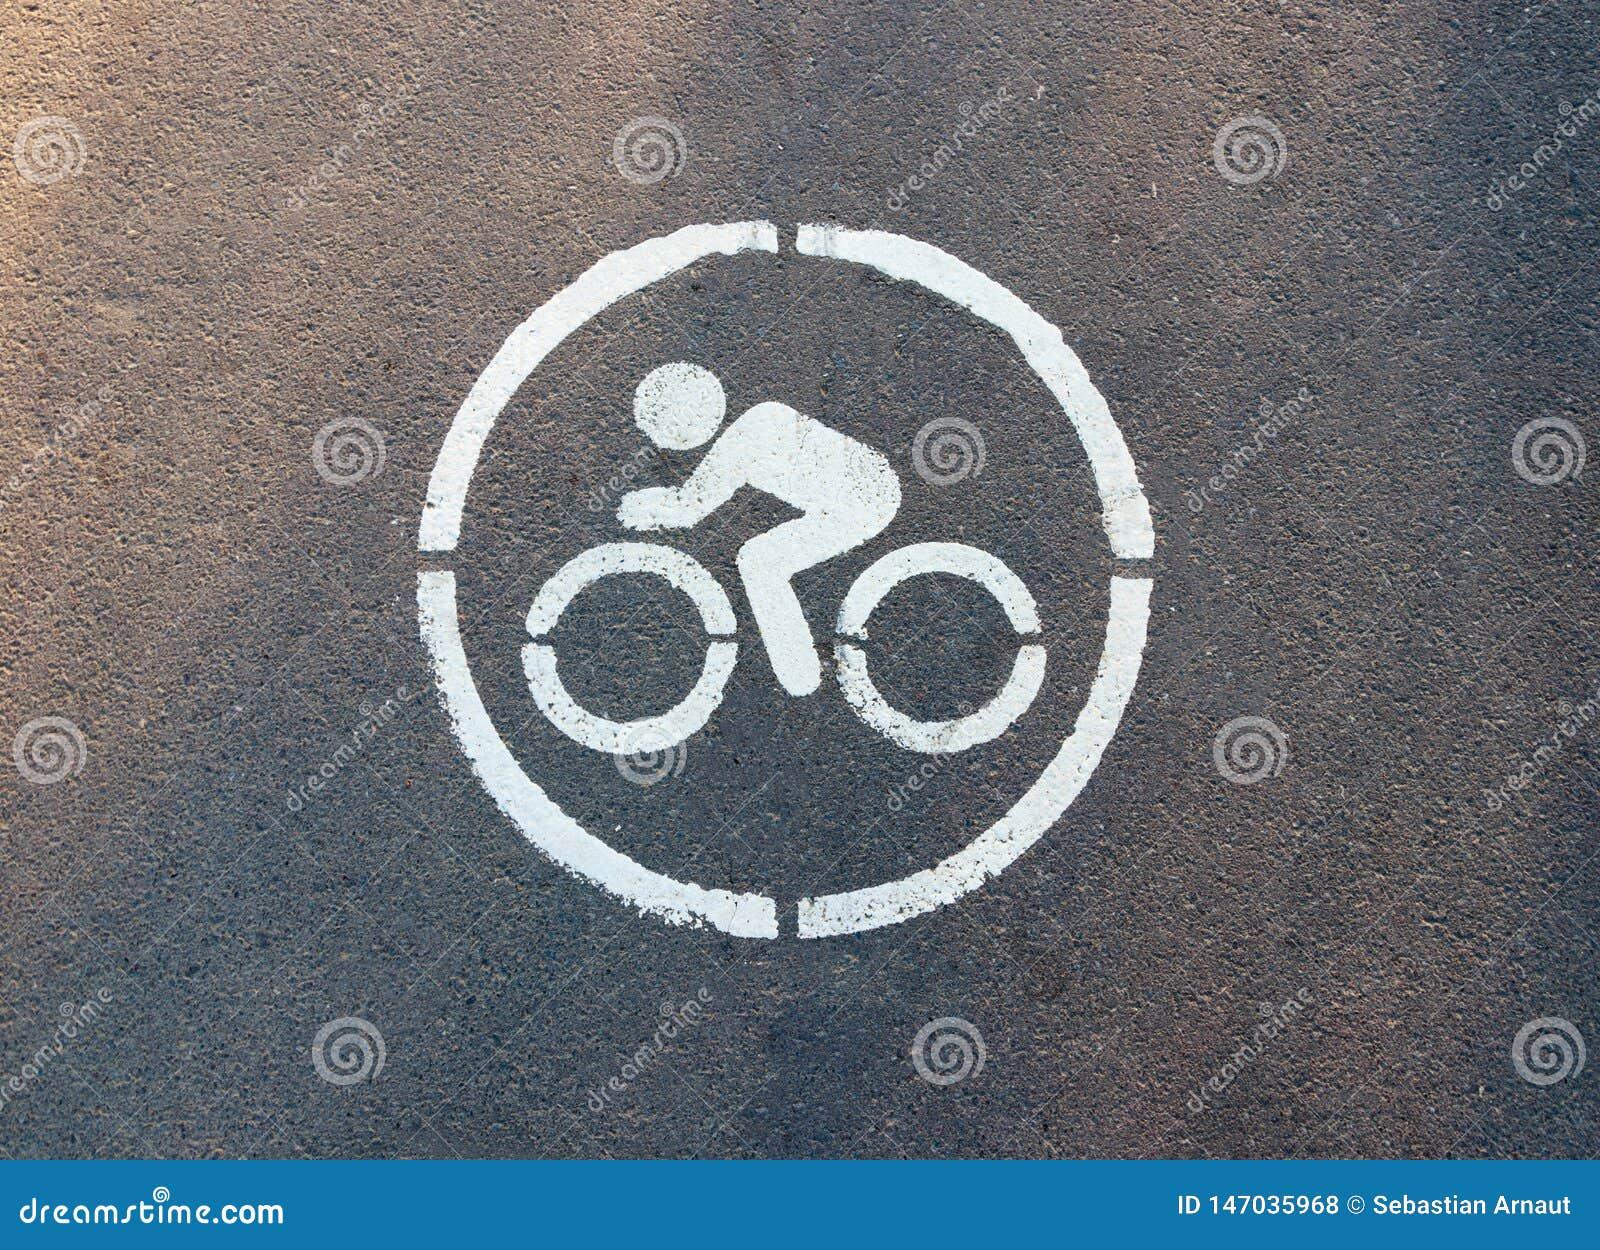 Um sinal tirado no asfalto que indica a trilha para ciclistas